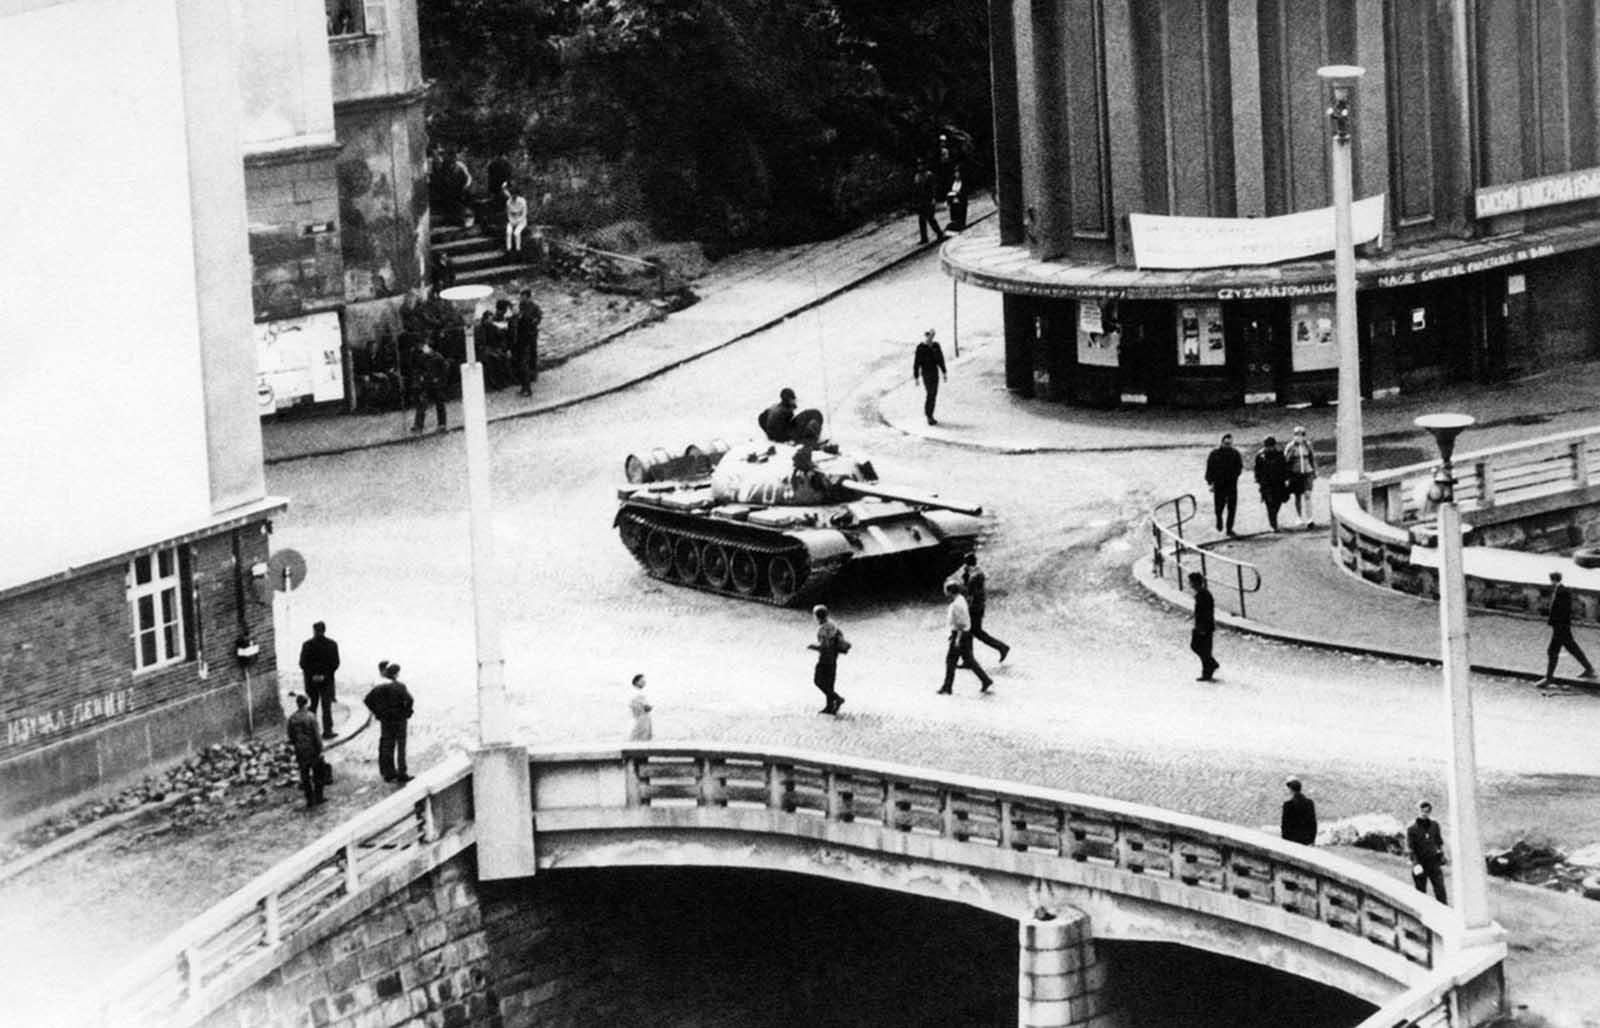 Una foto tomada en Trutnov, Checoslovaquia, durante un enfrentamiento entre manifestantes y las tropas y los tanques del Pacto de Varsovia, que invadieron el país en agosto de 1968.